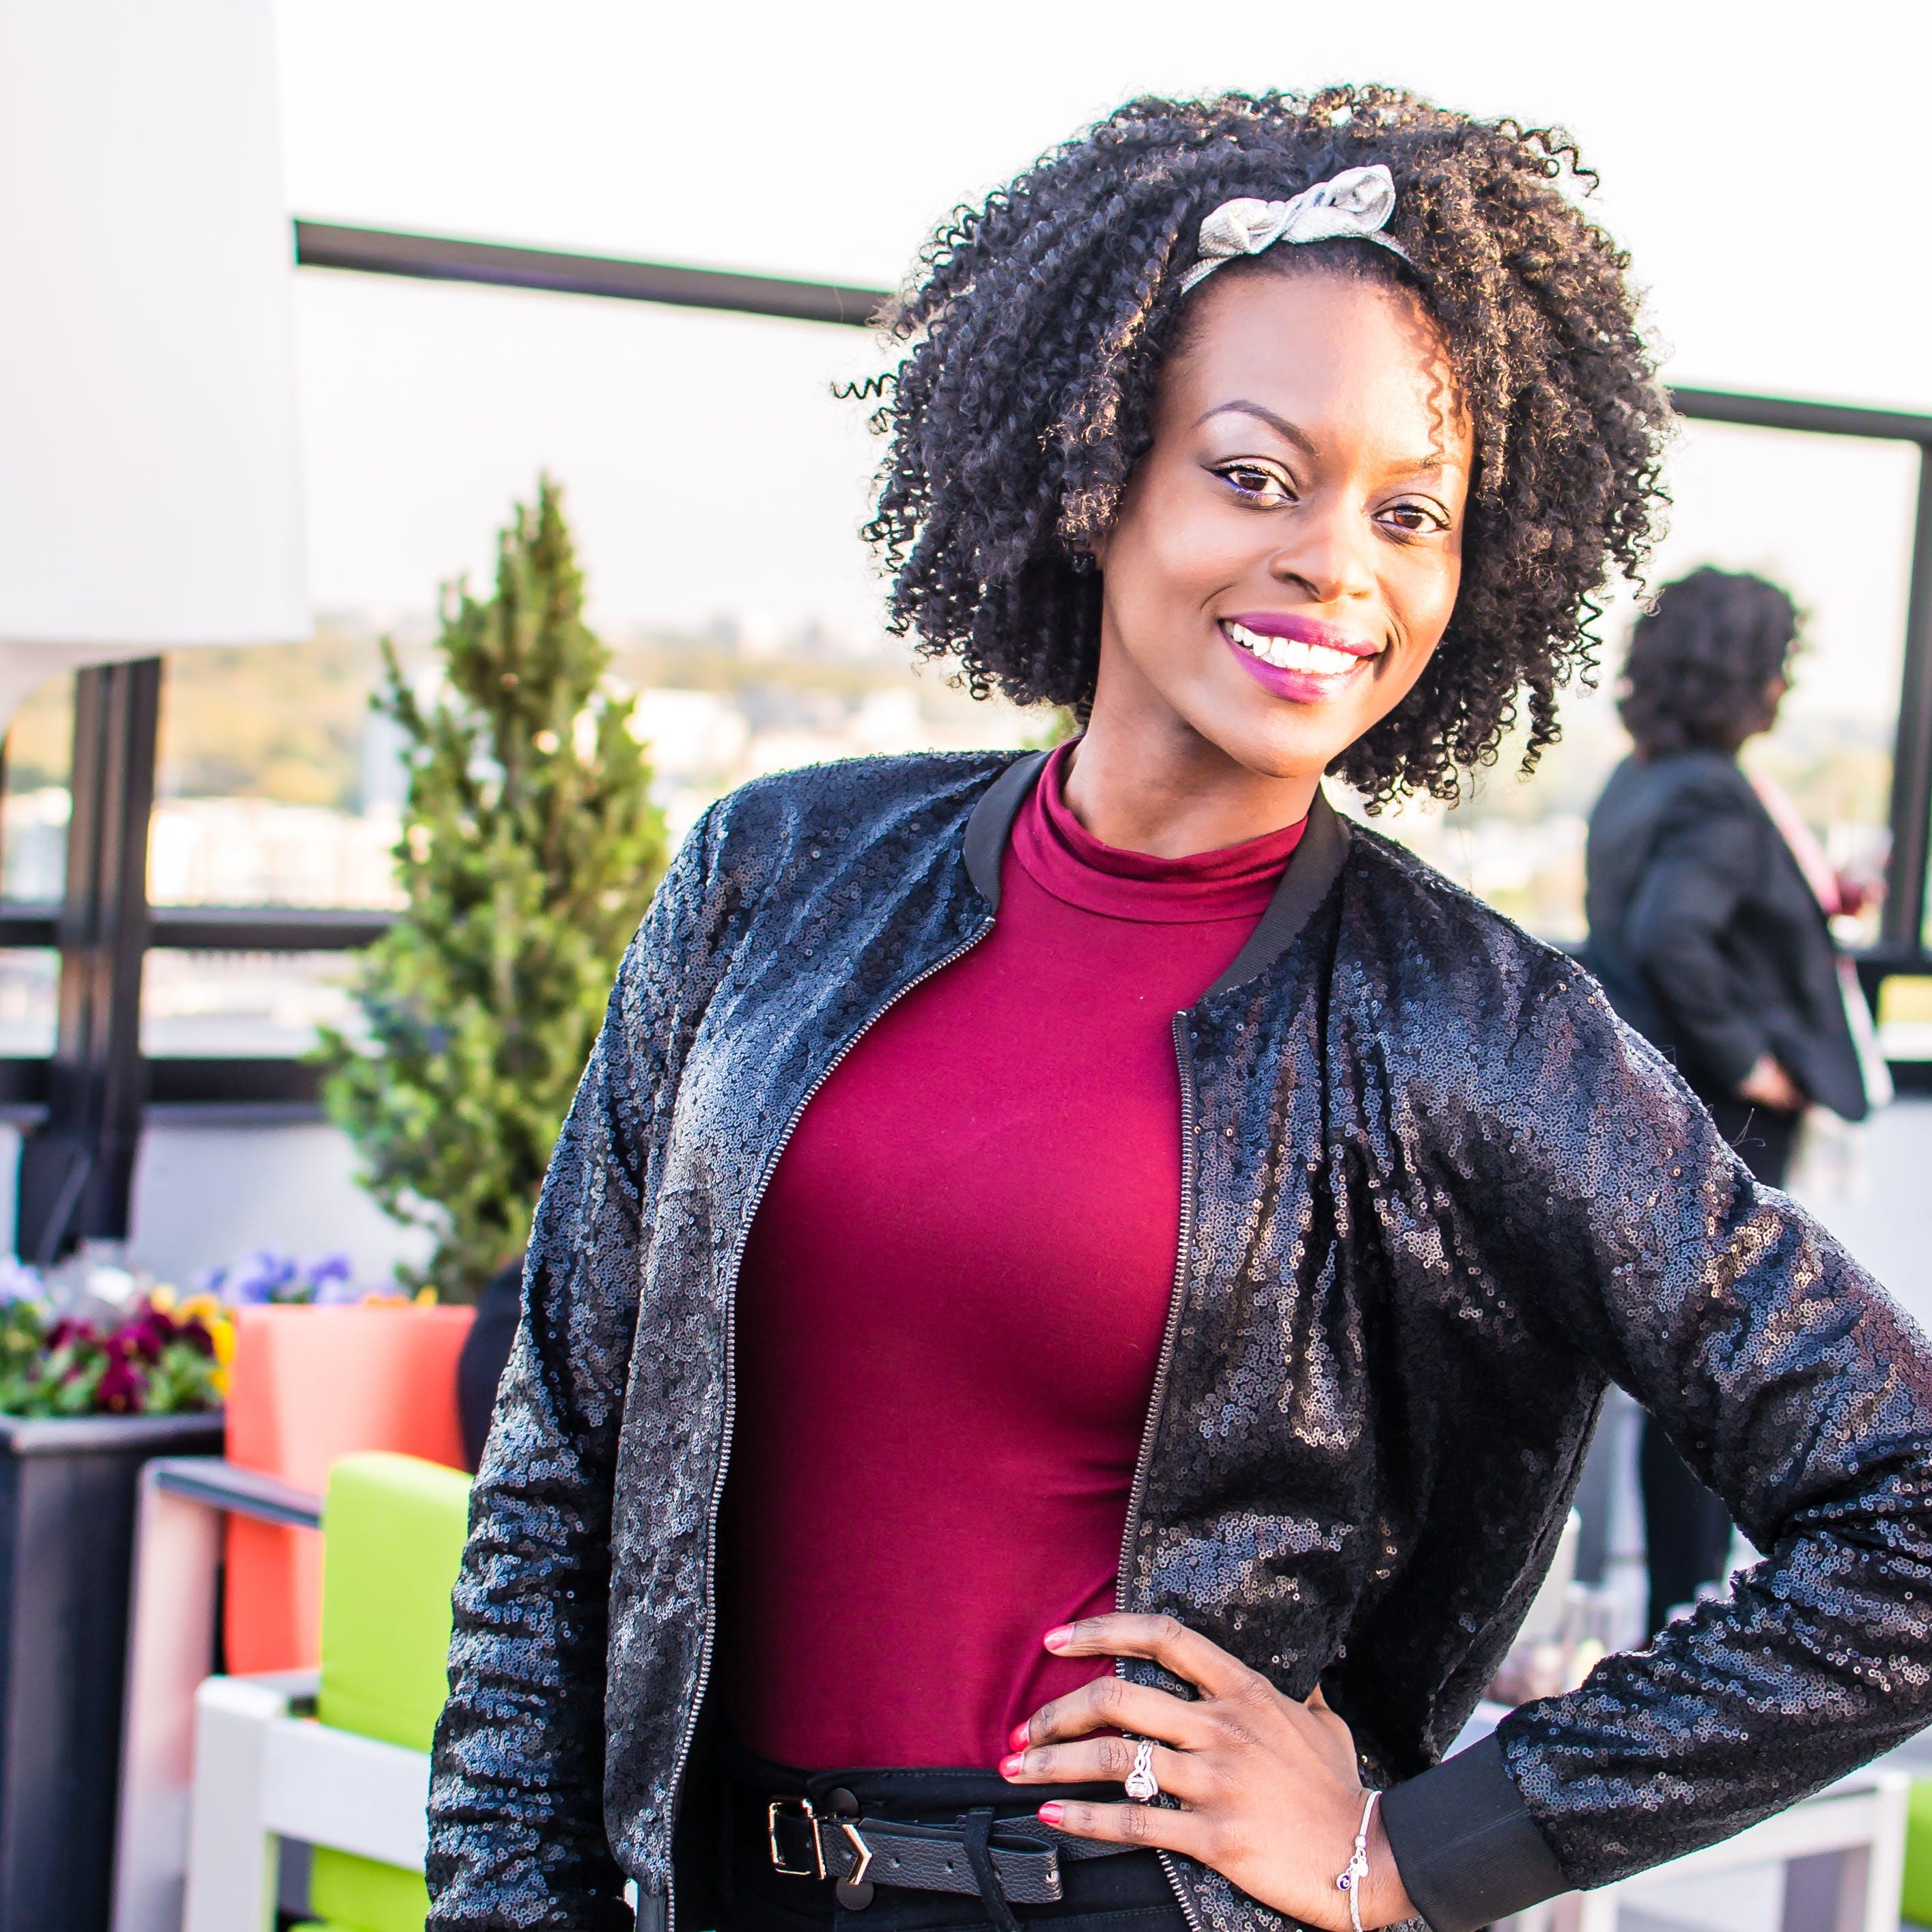 Δωρεάν στοκ φωτογραφιών με αφροαμερικάνα γυναίκα, γυναίκα, θηλυκός, μοντέλο